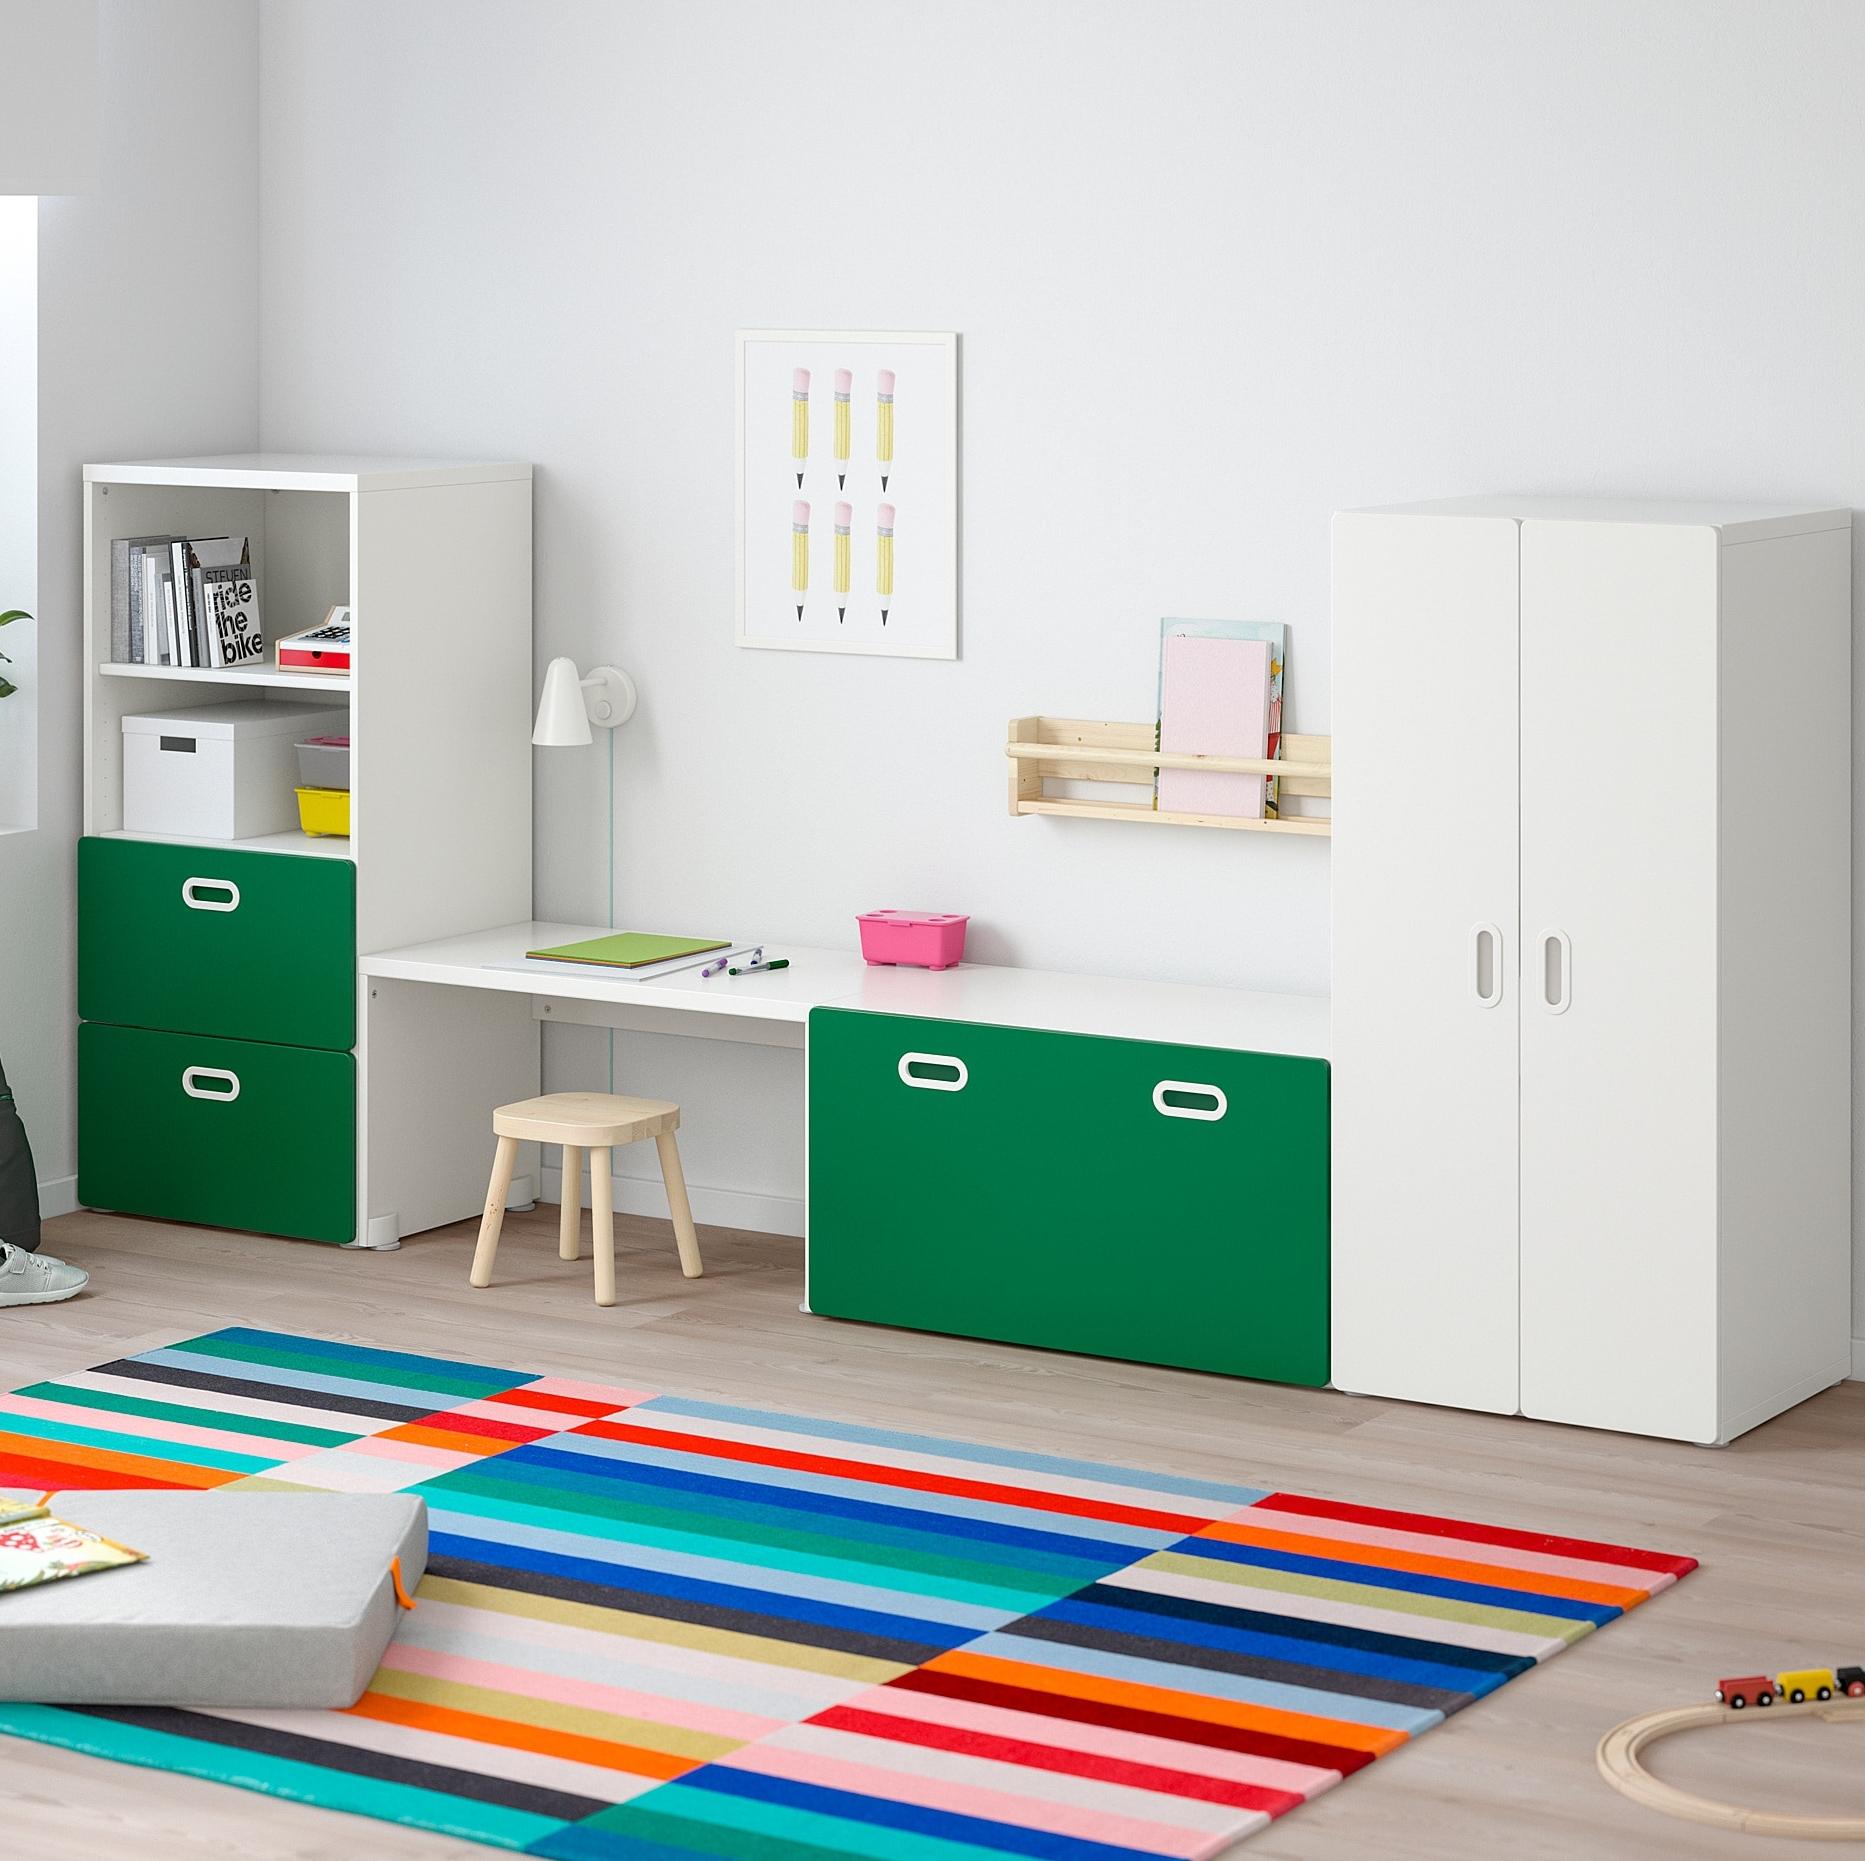 детские шкафы Ikea как выбрать идеальный и вписать его в интерьер